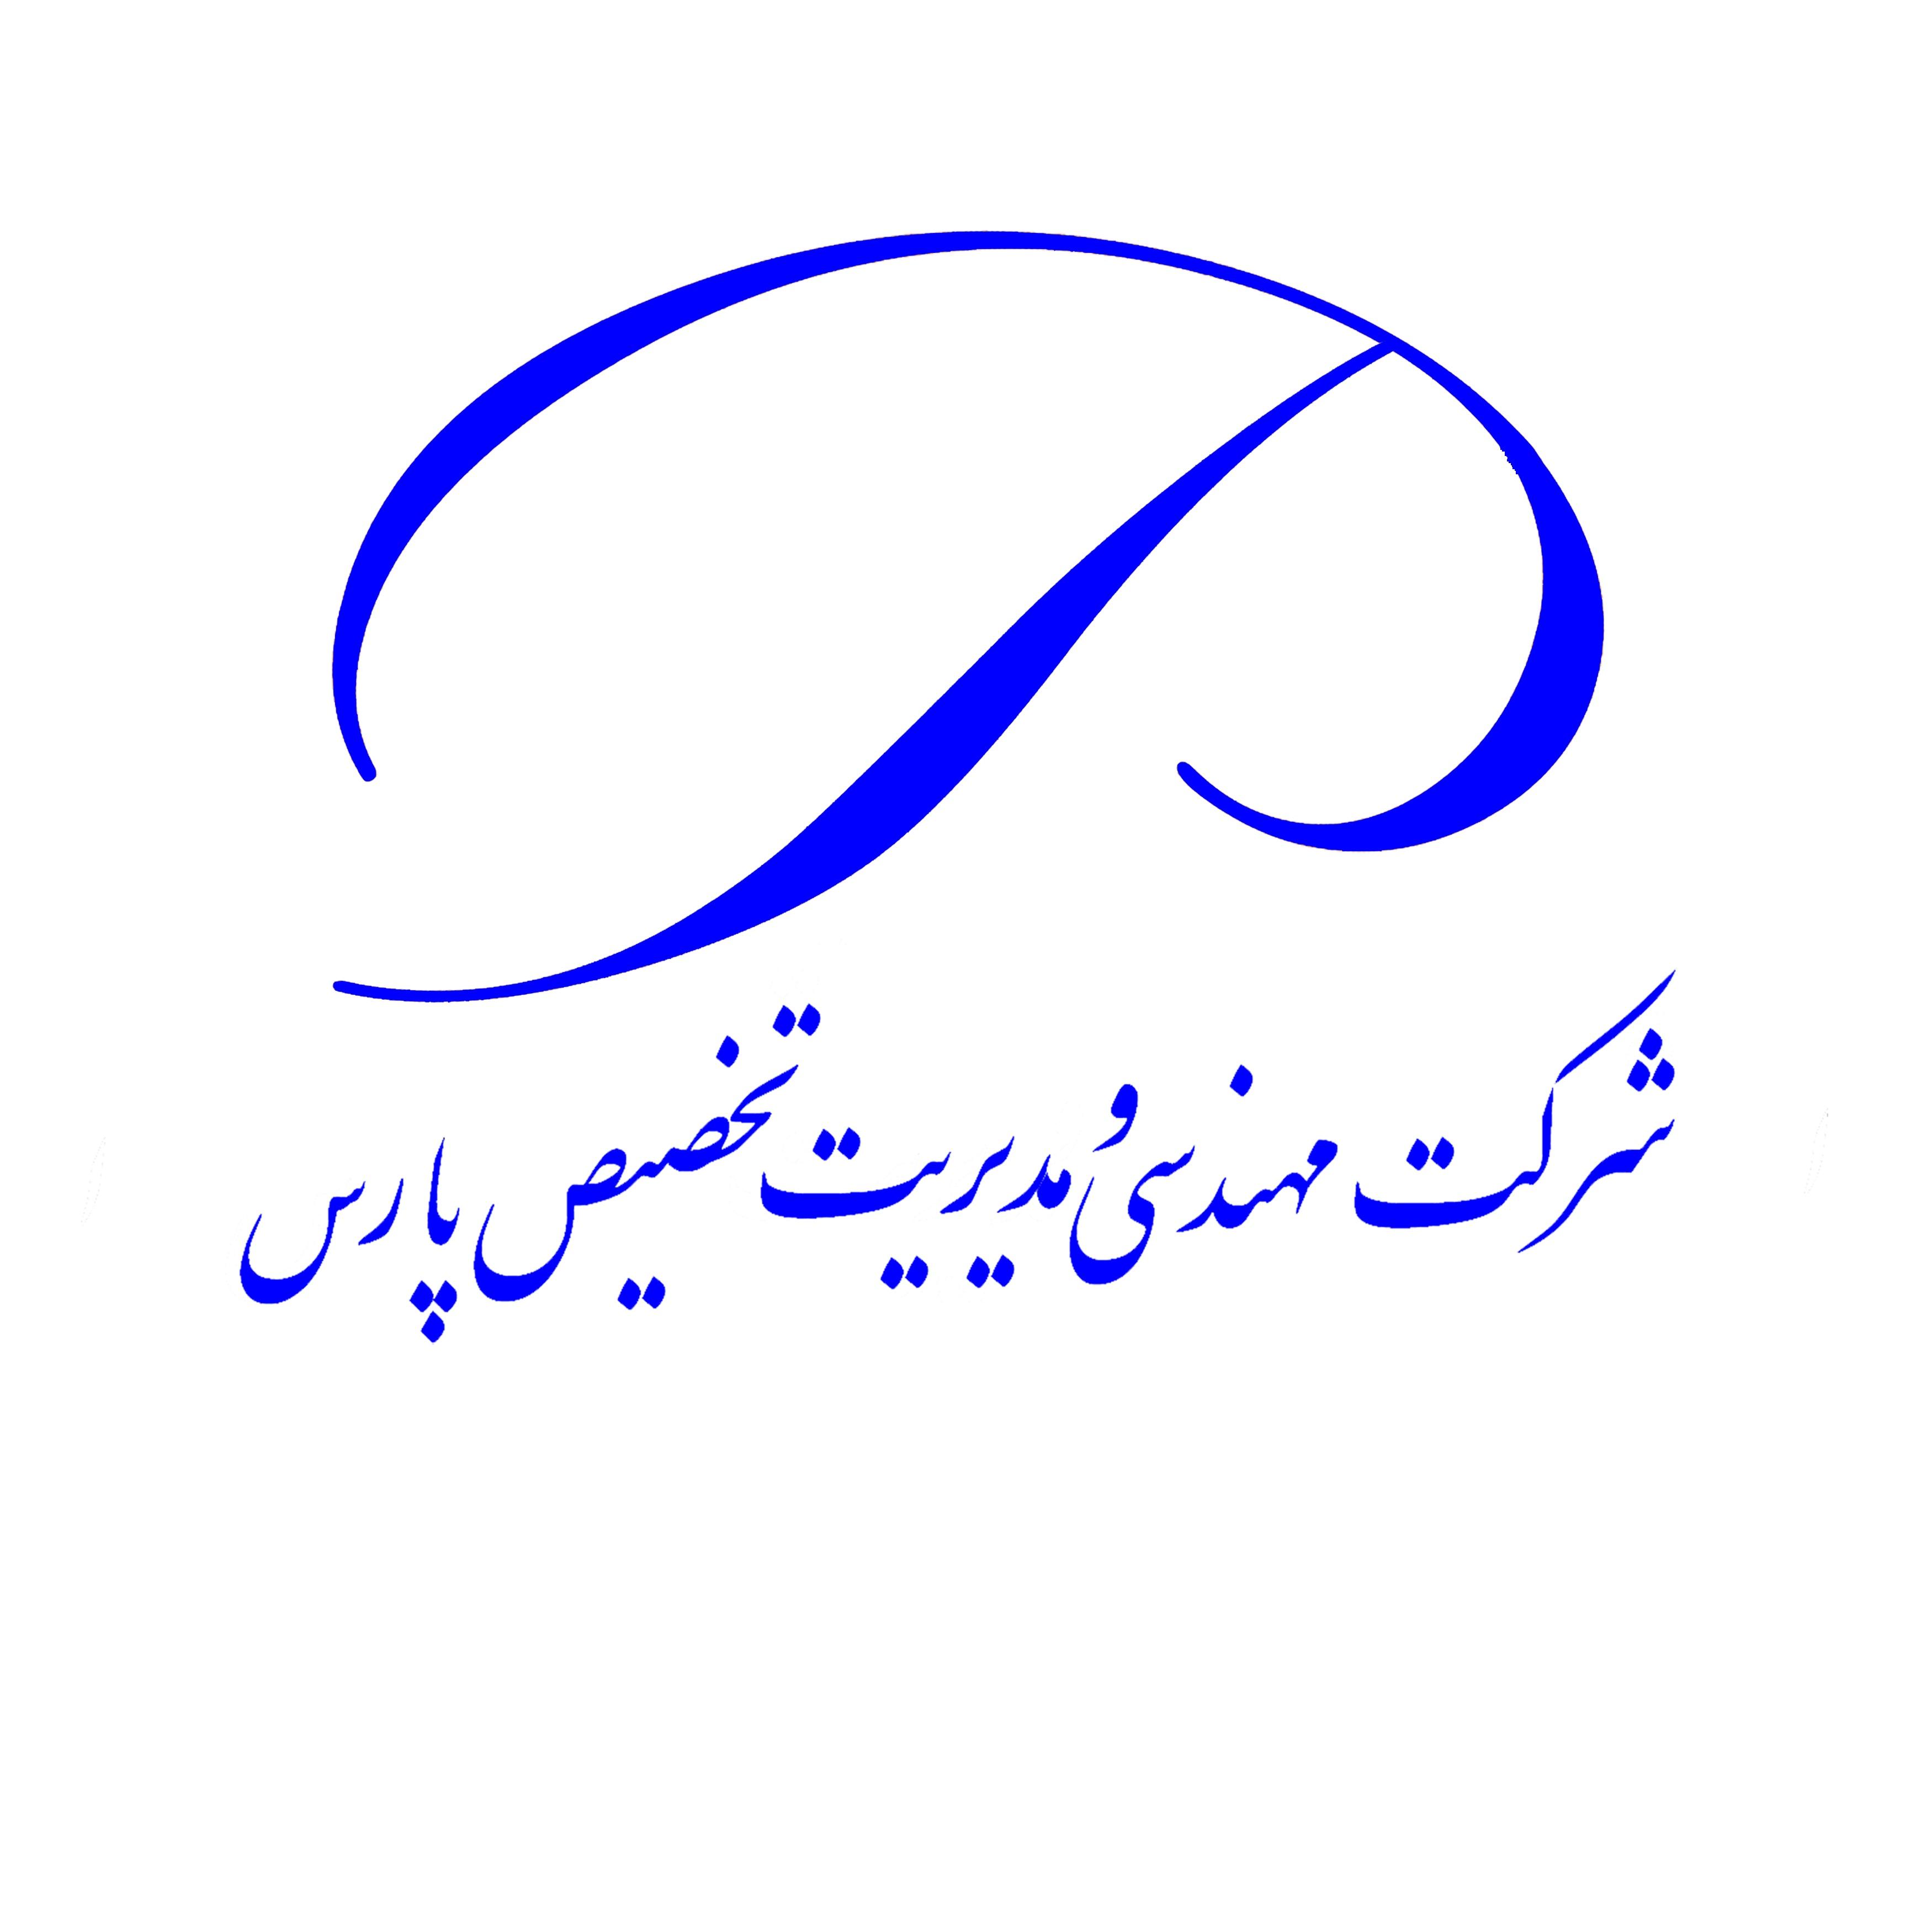 شرکت مهندسی و مدیریت تخصیص پارس